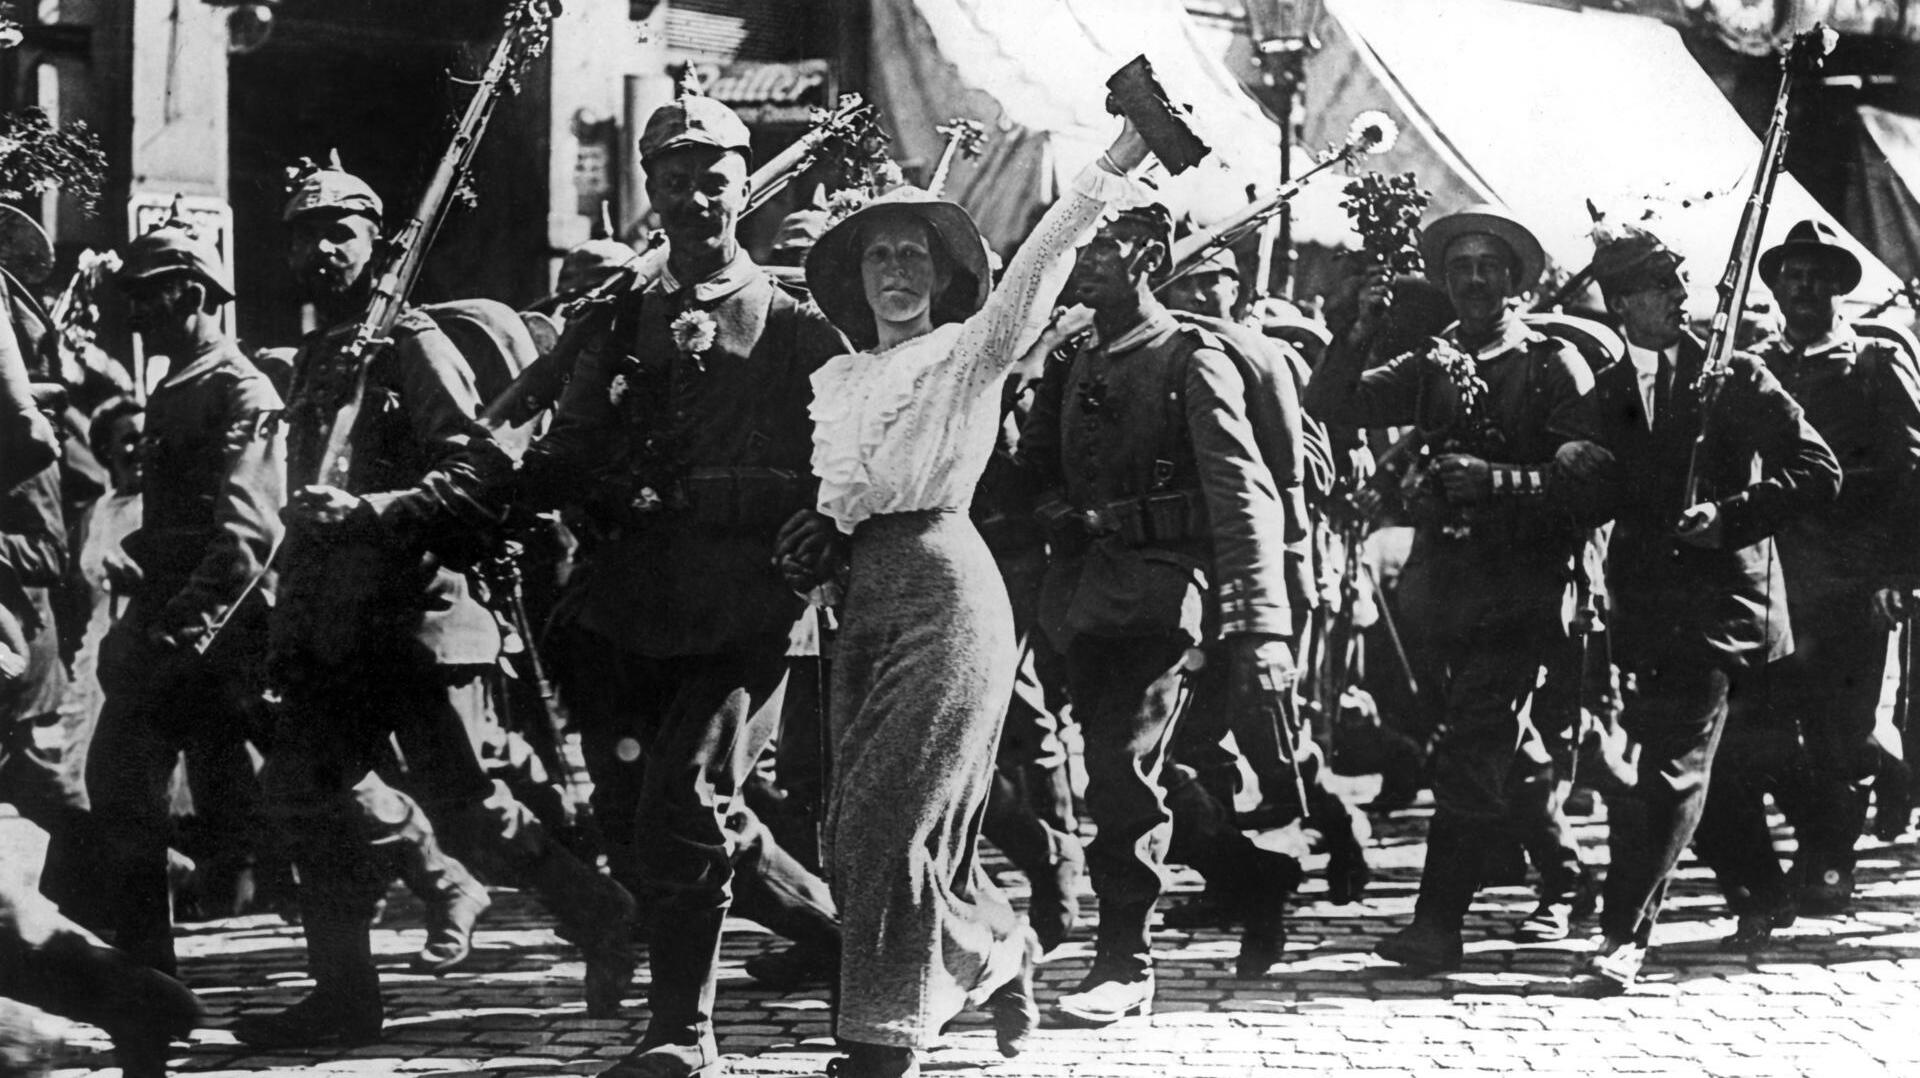 Erster Weltkrieg: Das Leben und Leiden der Soldaten